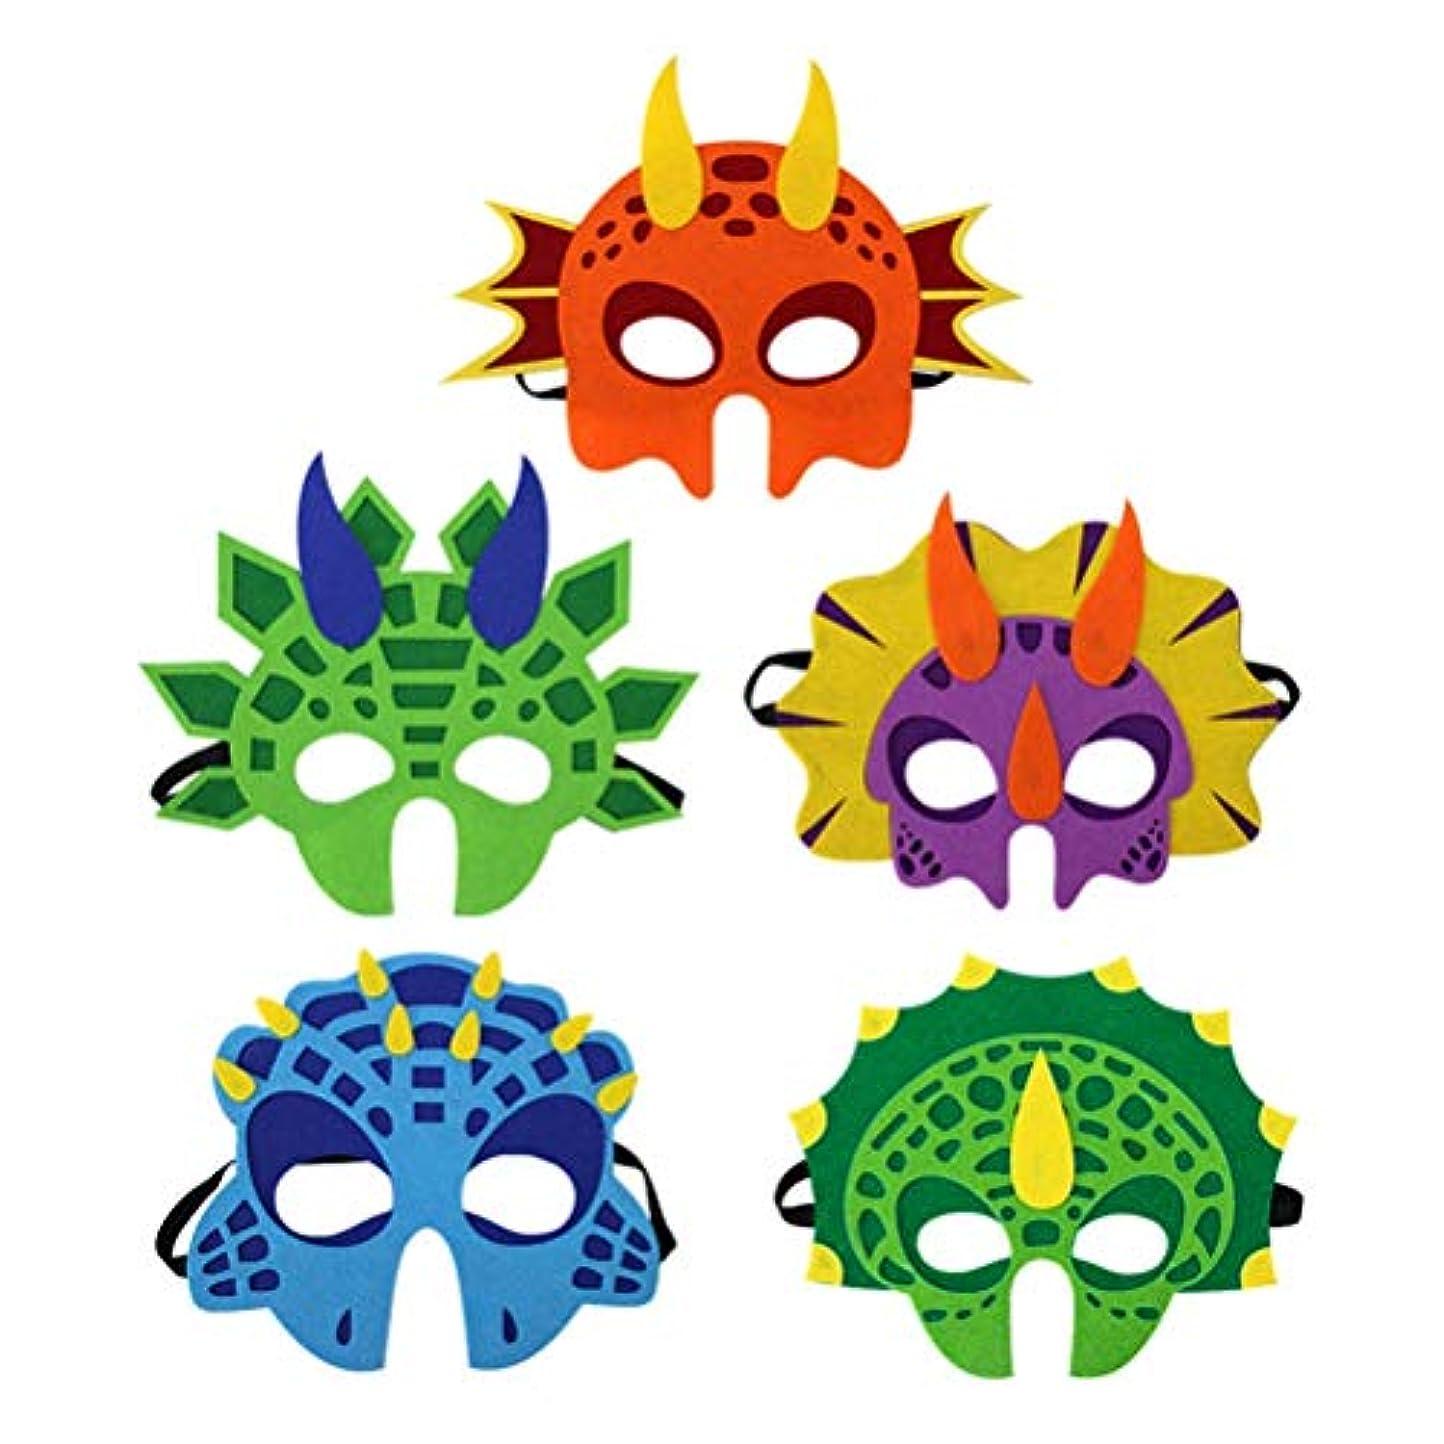 喉頭コウモリ水曜日BESTOYARD 5ピース恐竜マスクコスプレフェルトマスクかわいい恐竜漫画フェイスマスク用子供キッズパーティー用品